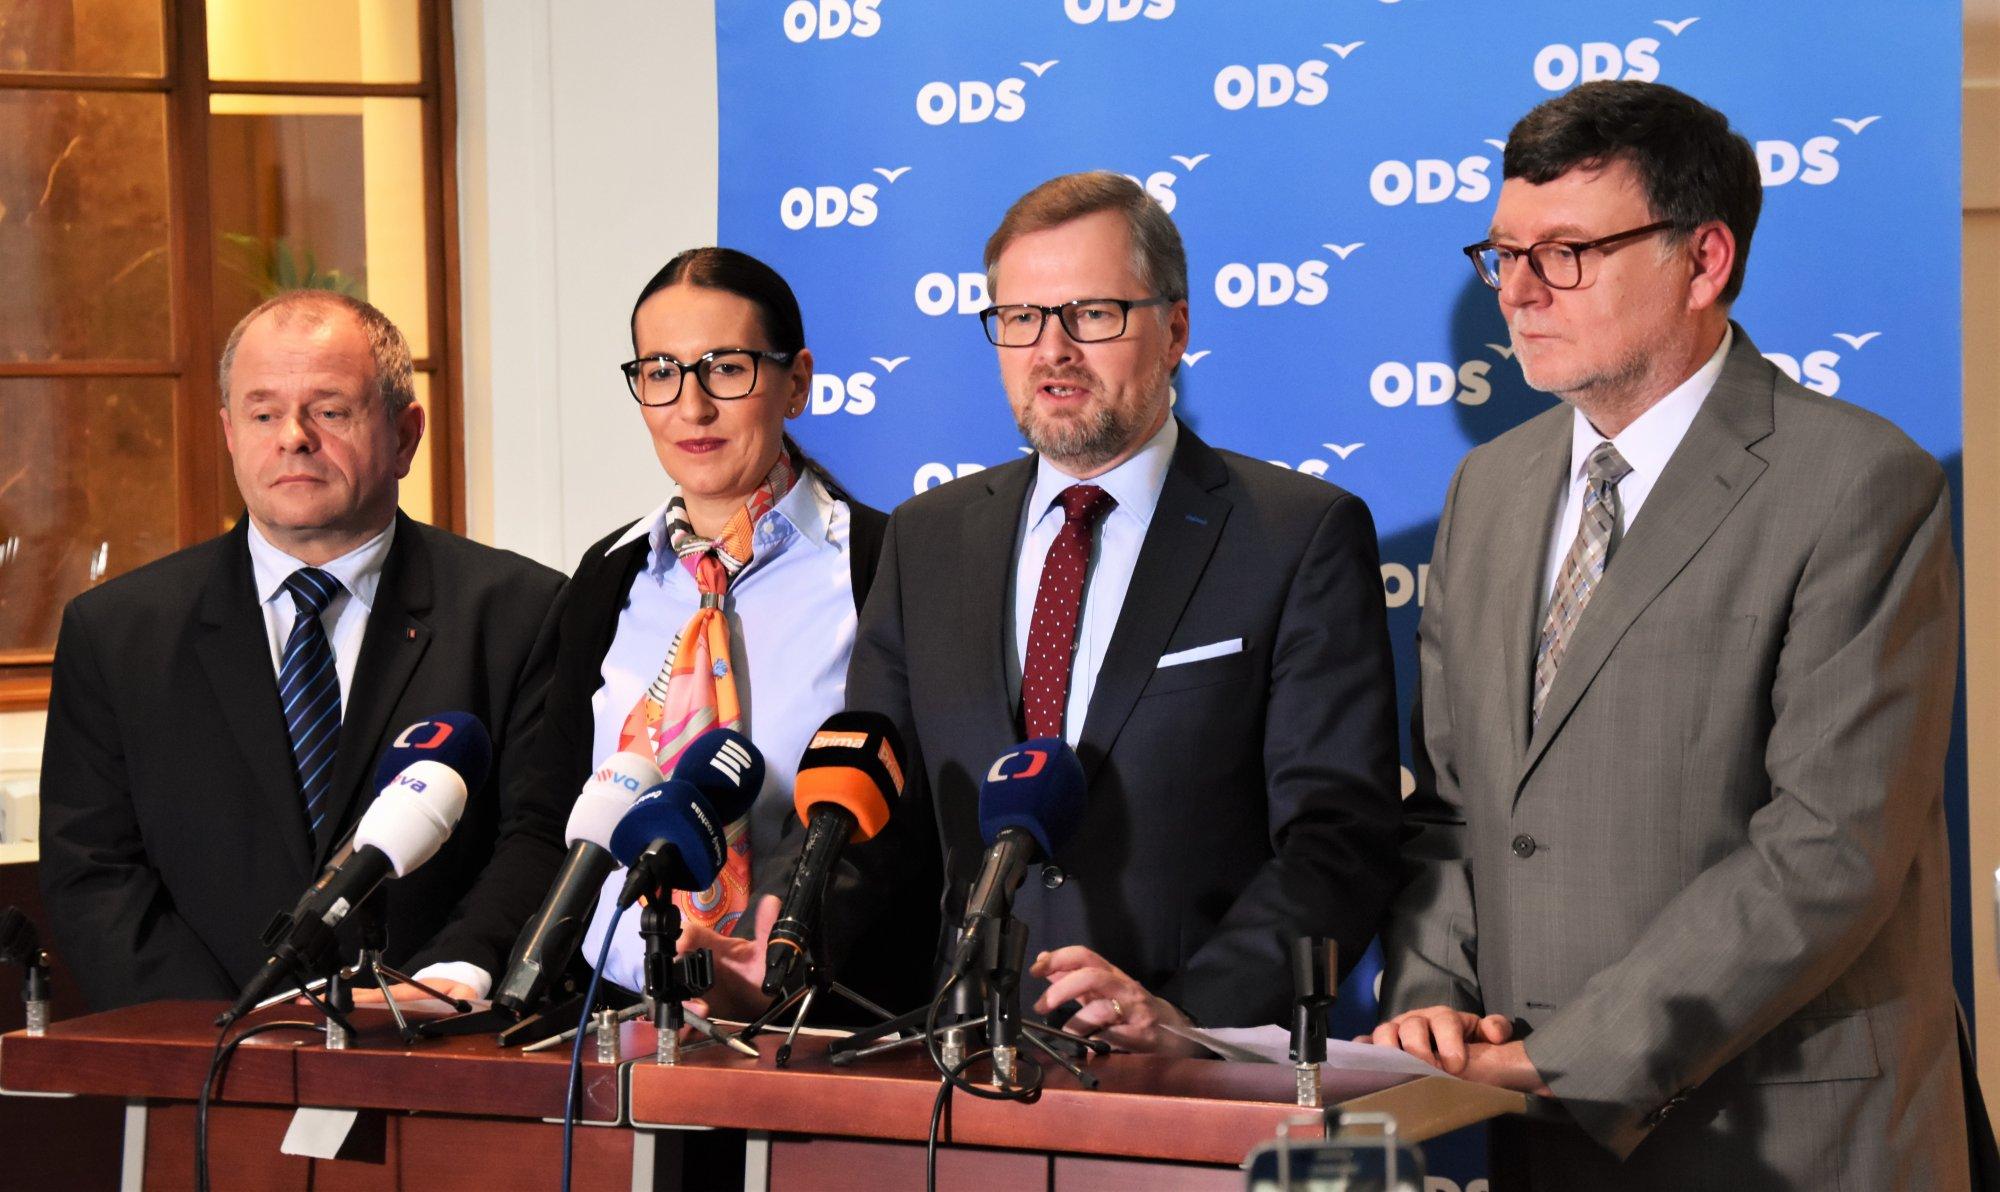 ODS: Předkládáme balíček 7 důležitých zákonů. Náš program budeme prosazovat i v opozici